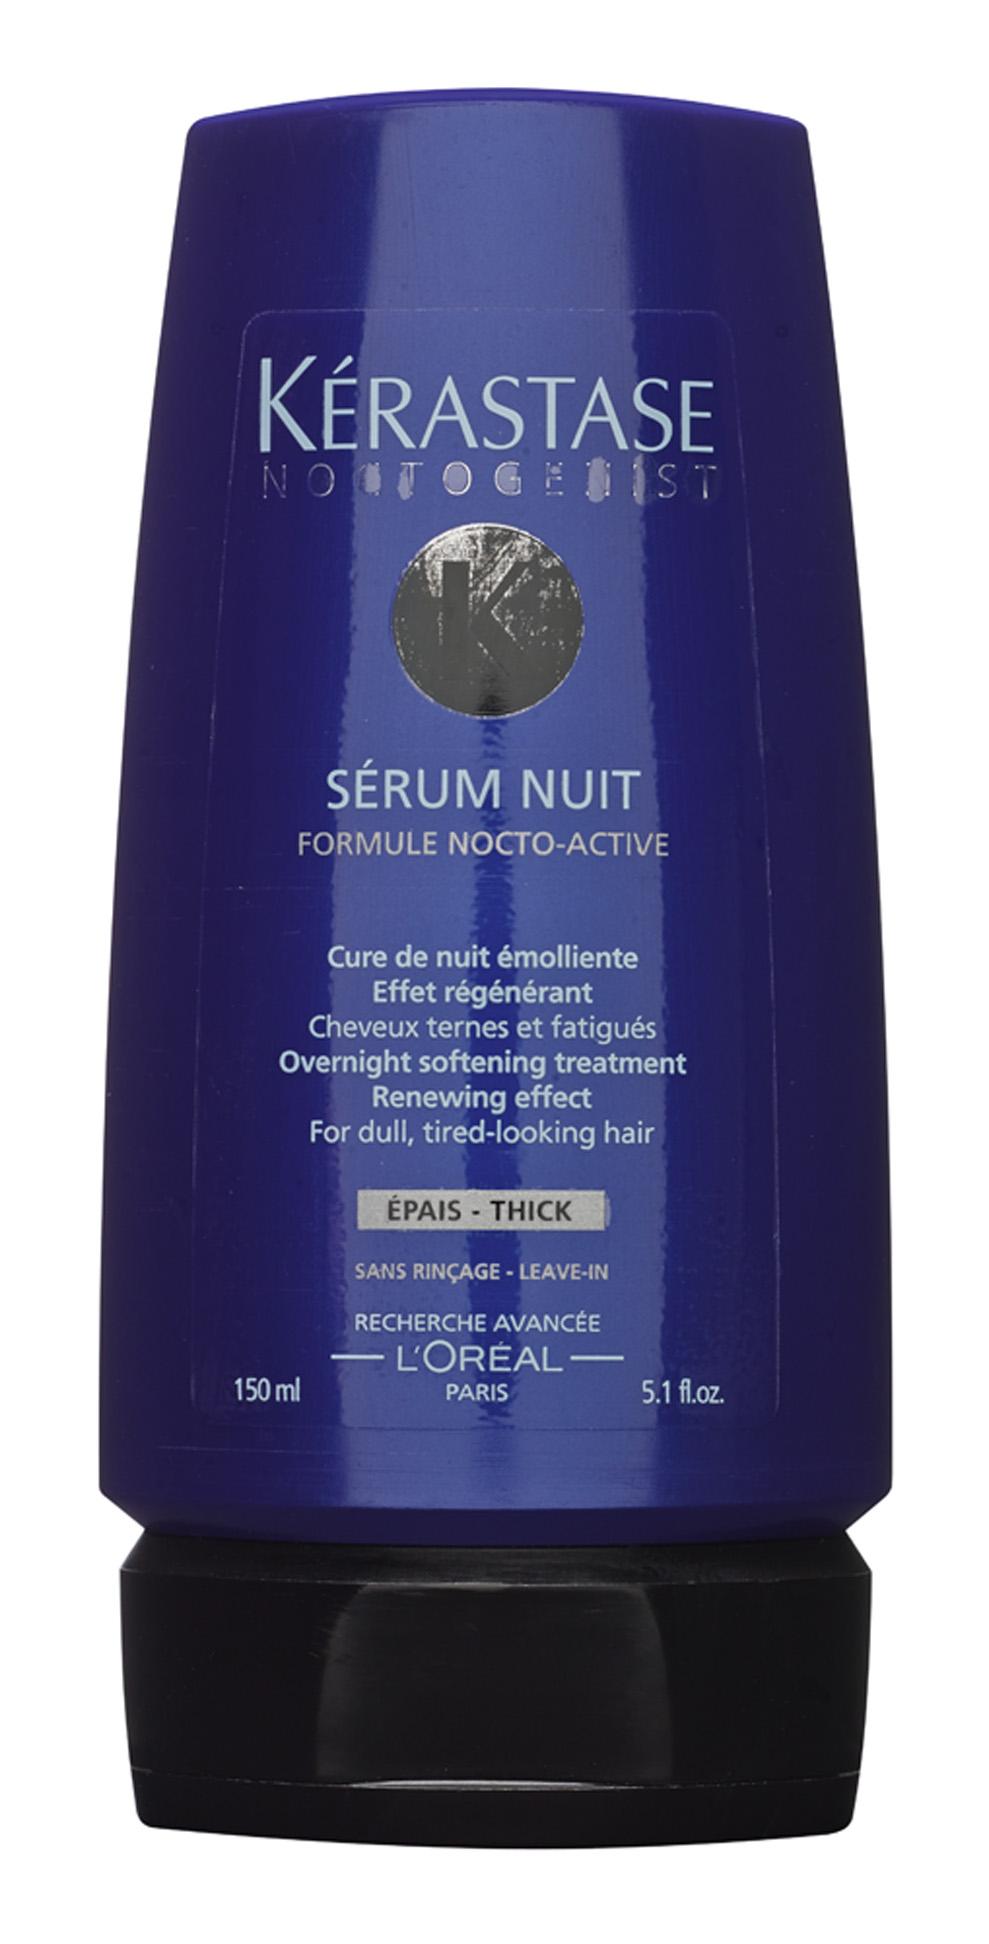 """Altas horas """"Um jeito de ganhar tempo é usar alguns produtos enquanto durmo. É o caso do Sérum Nuit, da Kérastase. Sinto que ele deixa o cabelo encorpado"""""""